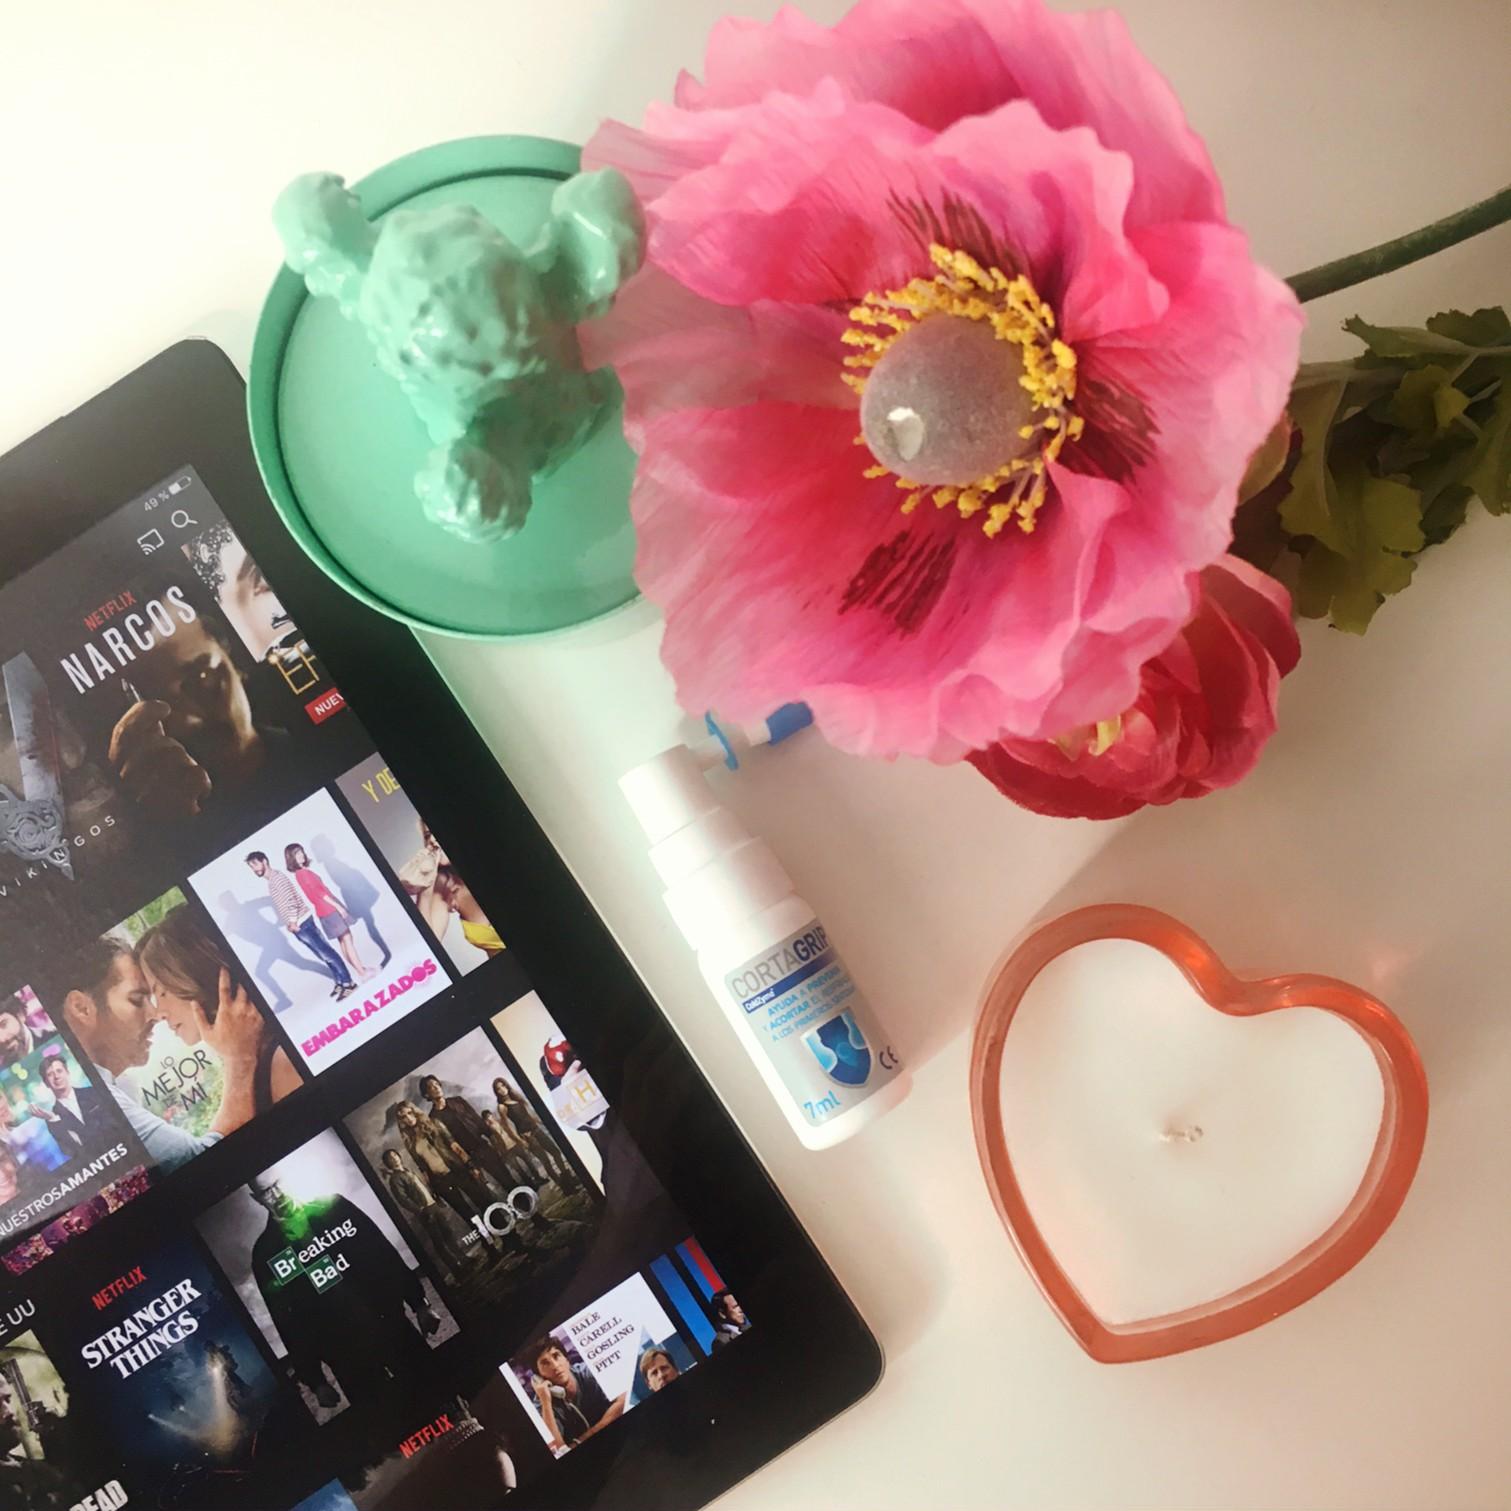 Blog-de-moda-ChicAdicta-series-Netflix-cortagrip-Chic-Adicta-fashionista-influencer-Madrid-PiensaenChic-Piensa-en-Chic